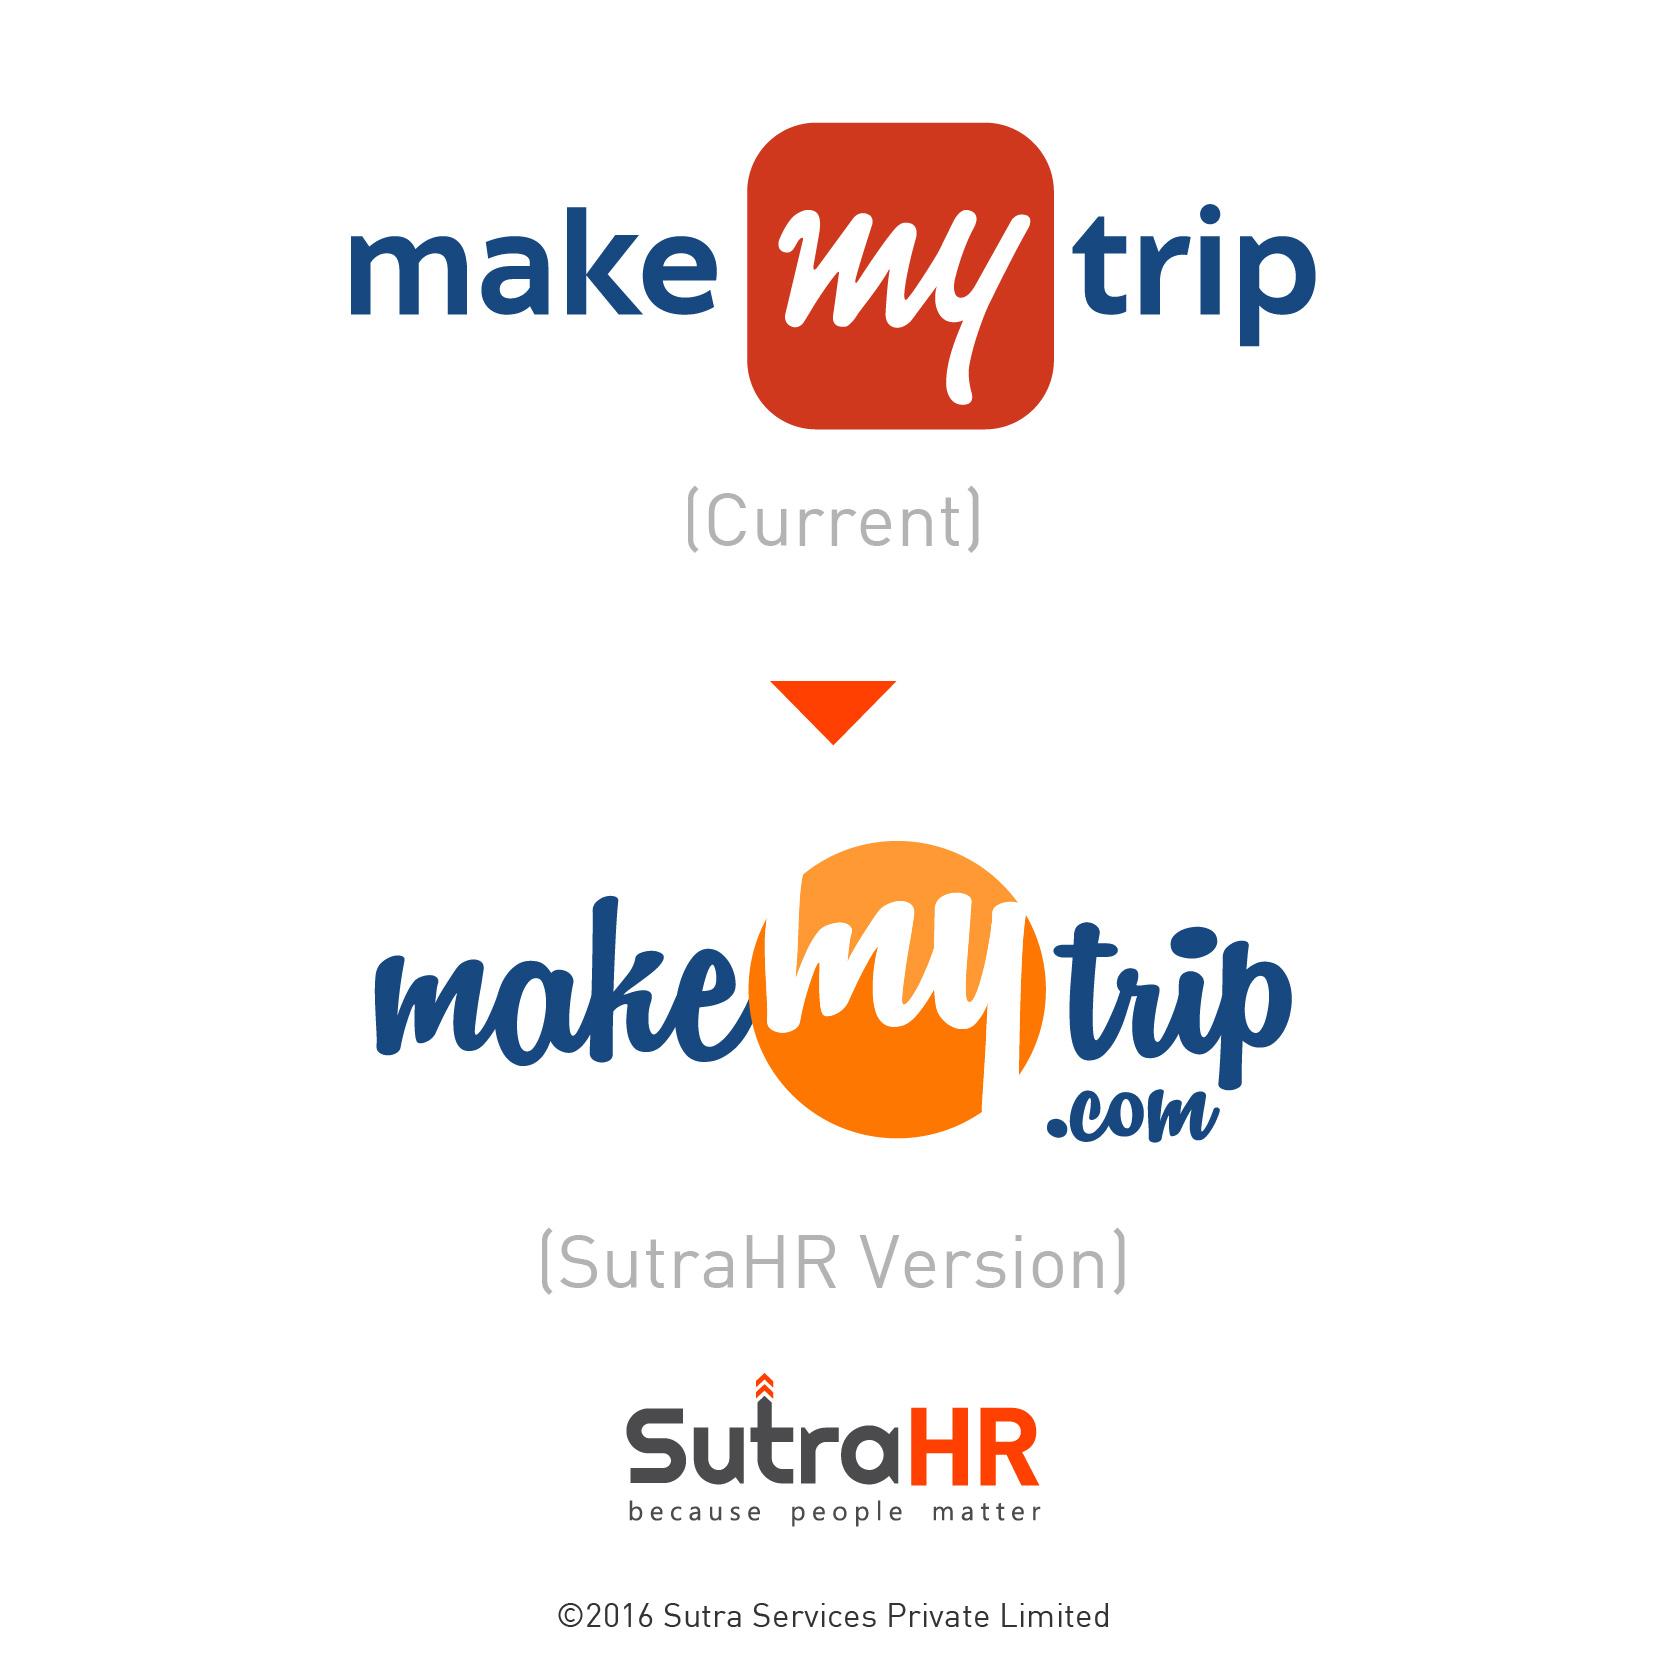 makemytrip startup logo redesigned